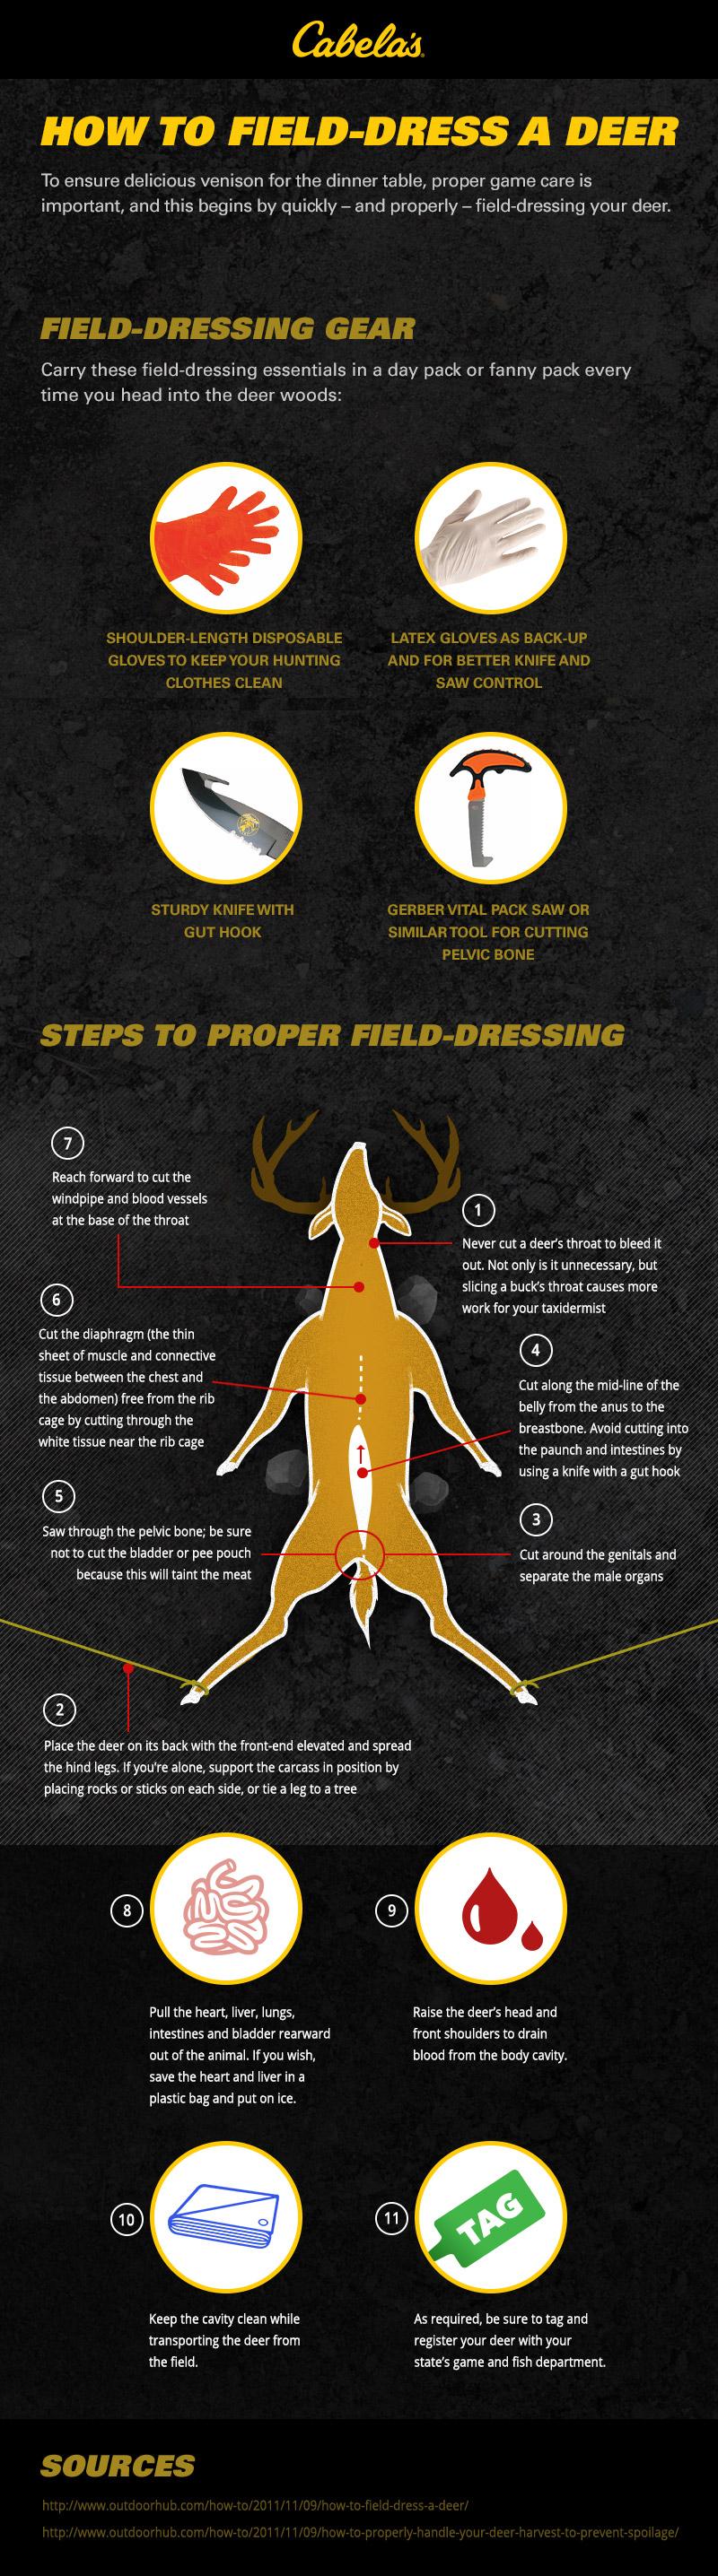 Best Way to Field-Dress a Deer